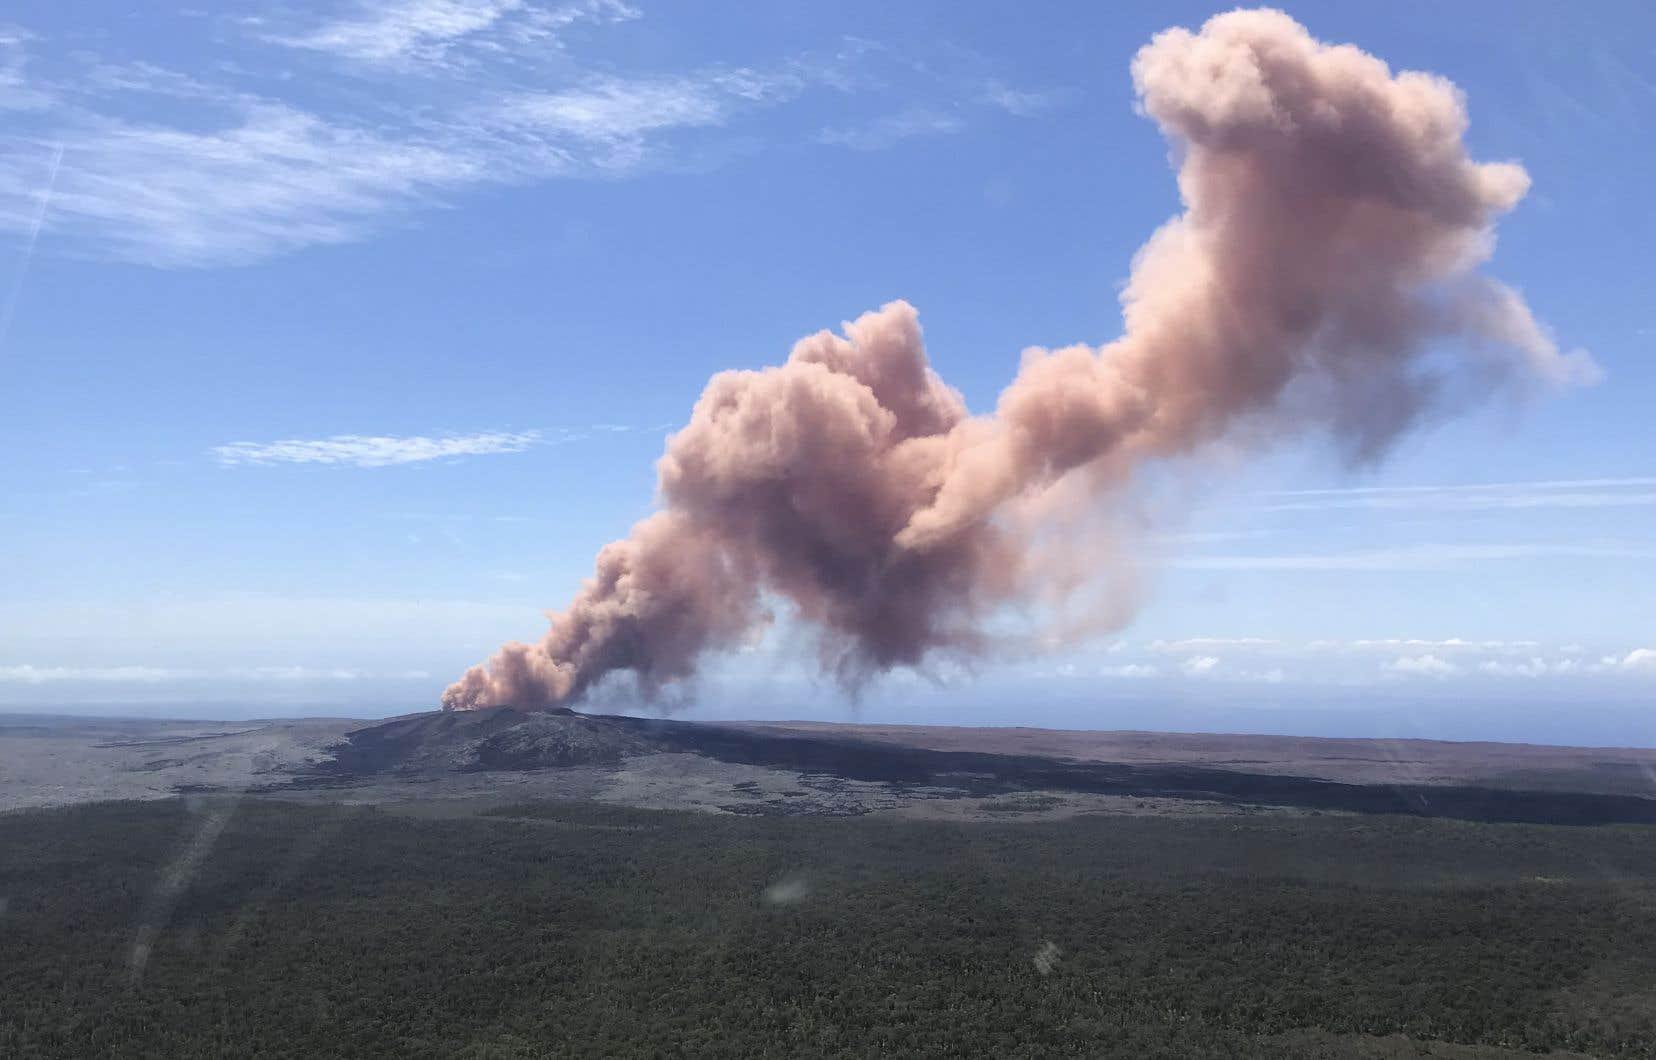 <p>Un immense jet de cendres rosâtres jaillitdu volcan et se dissipeen se déplaçant vers le sud-ouest du cône volcanique Puu Oo.</p>